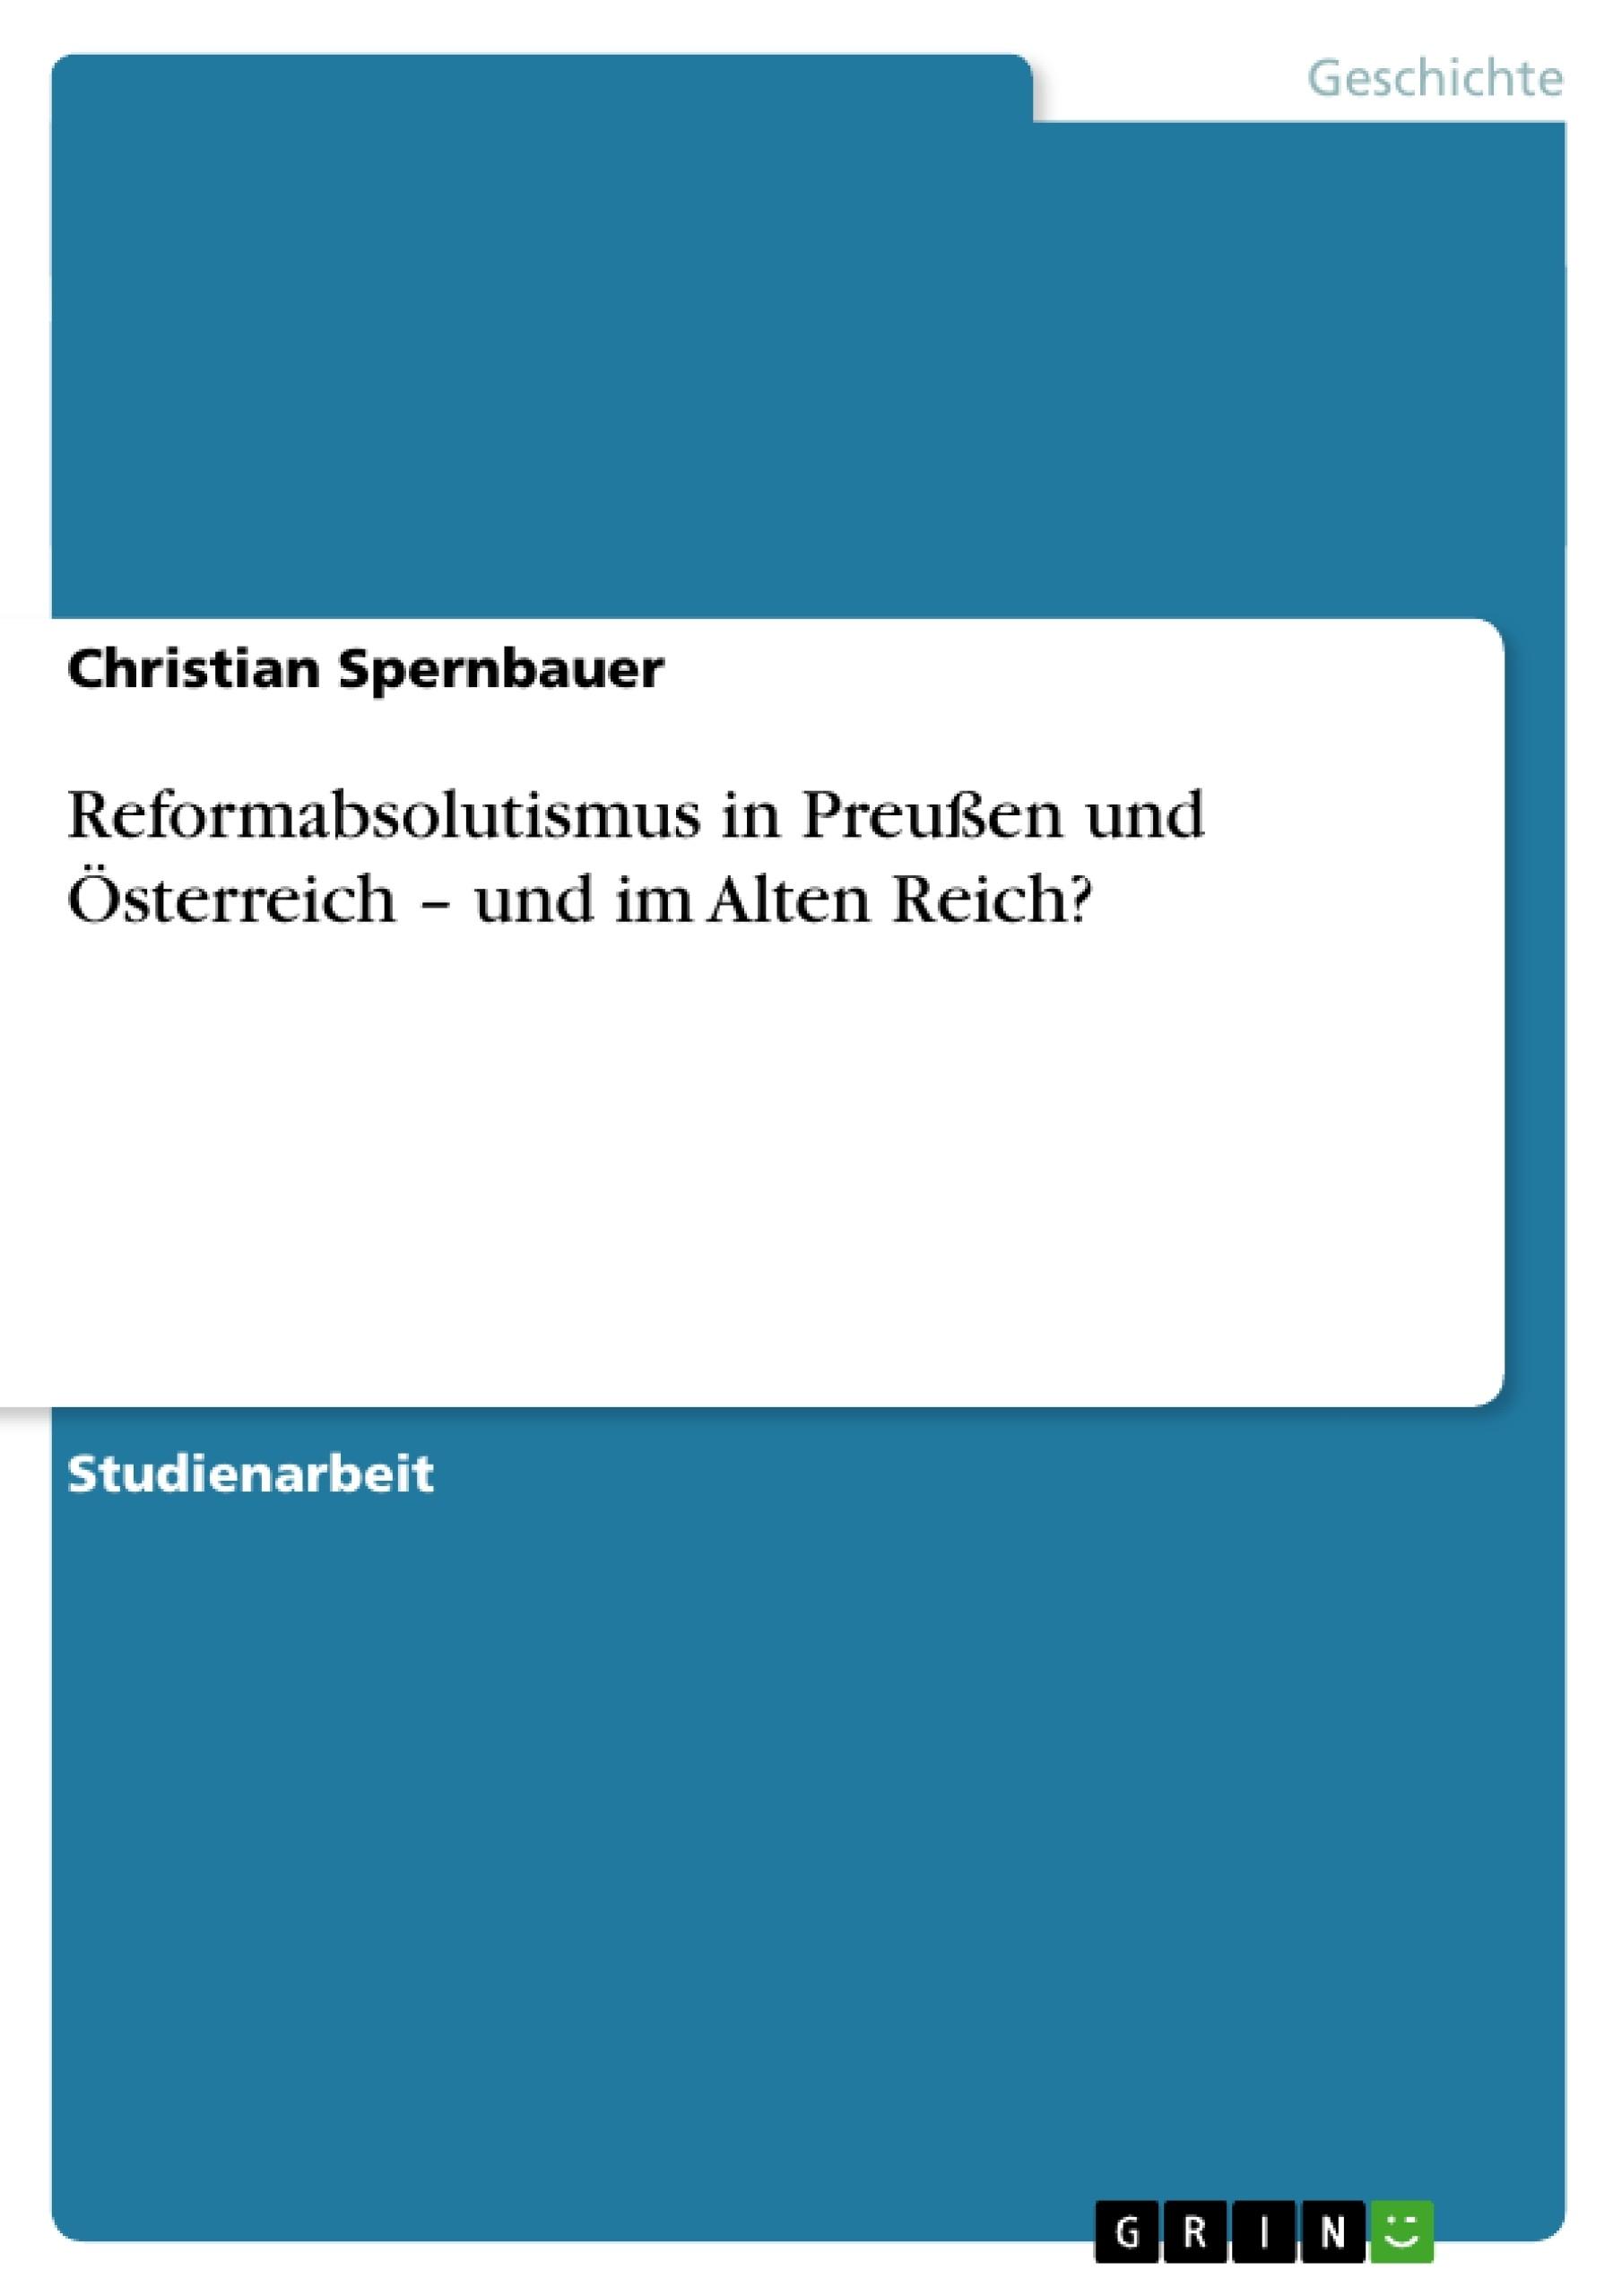 Titel: Reformabsolutismus in Preußen und Österreich – und im Alten Reich?